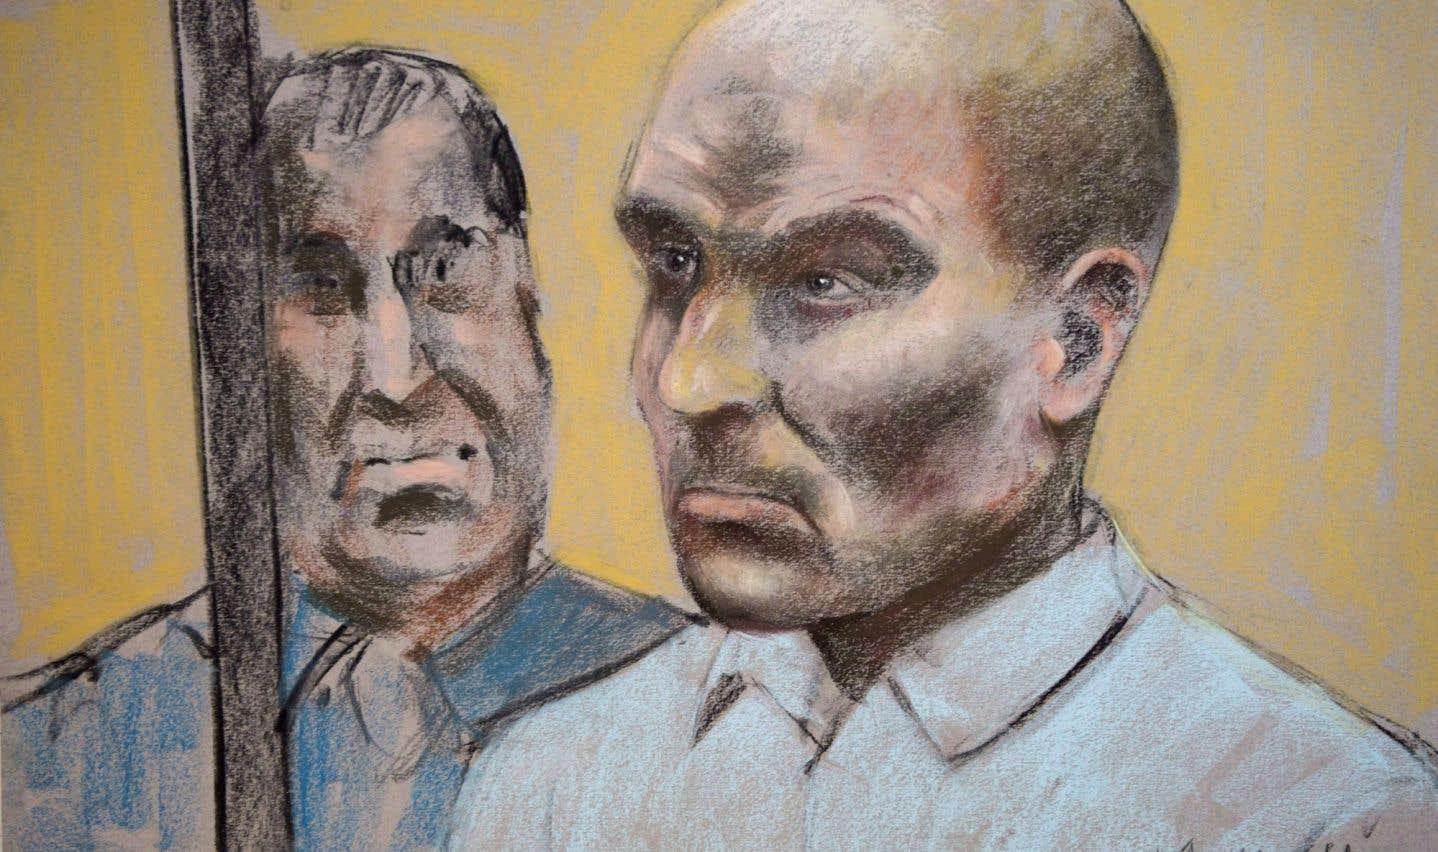 Une témoin dit avoir repoussé quotidiennement les avances de Bertrand Charest